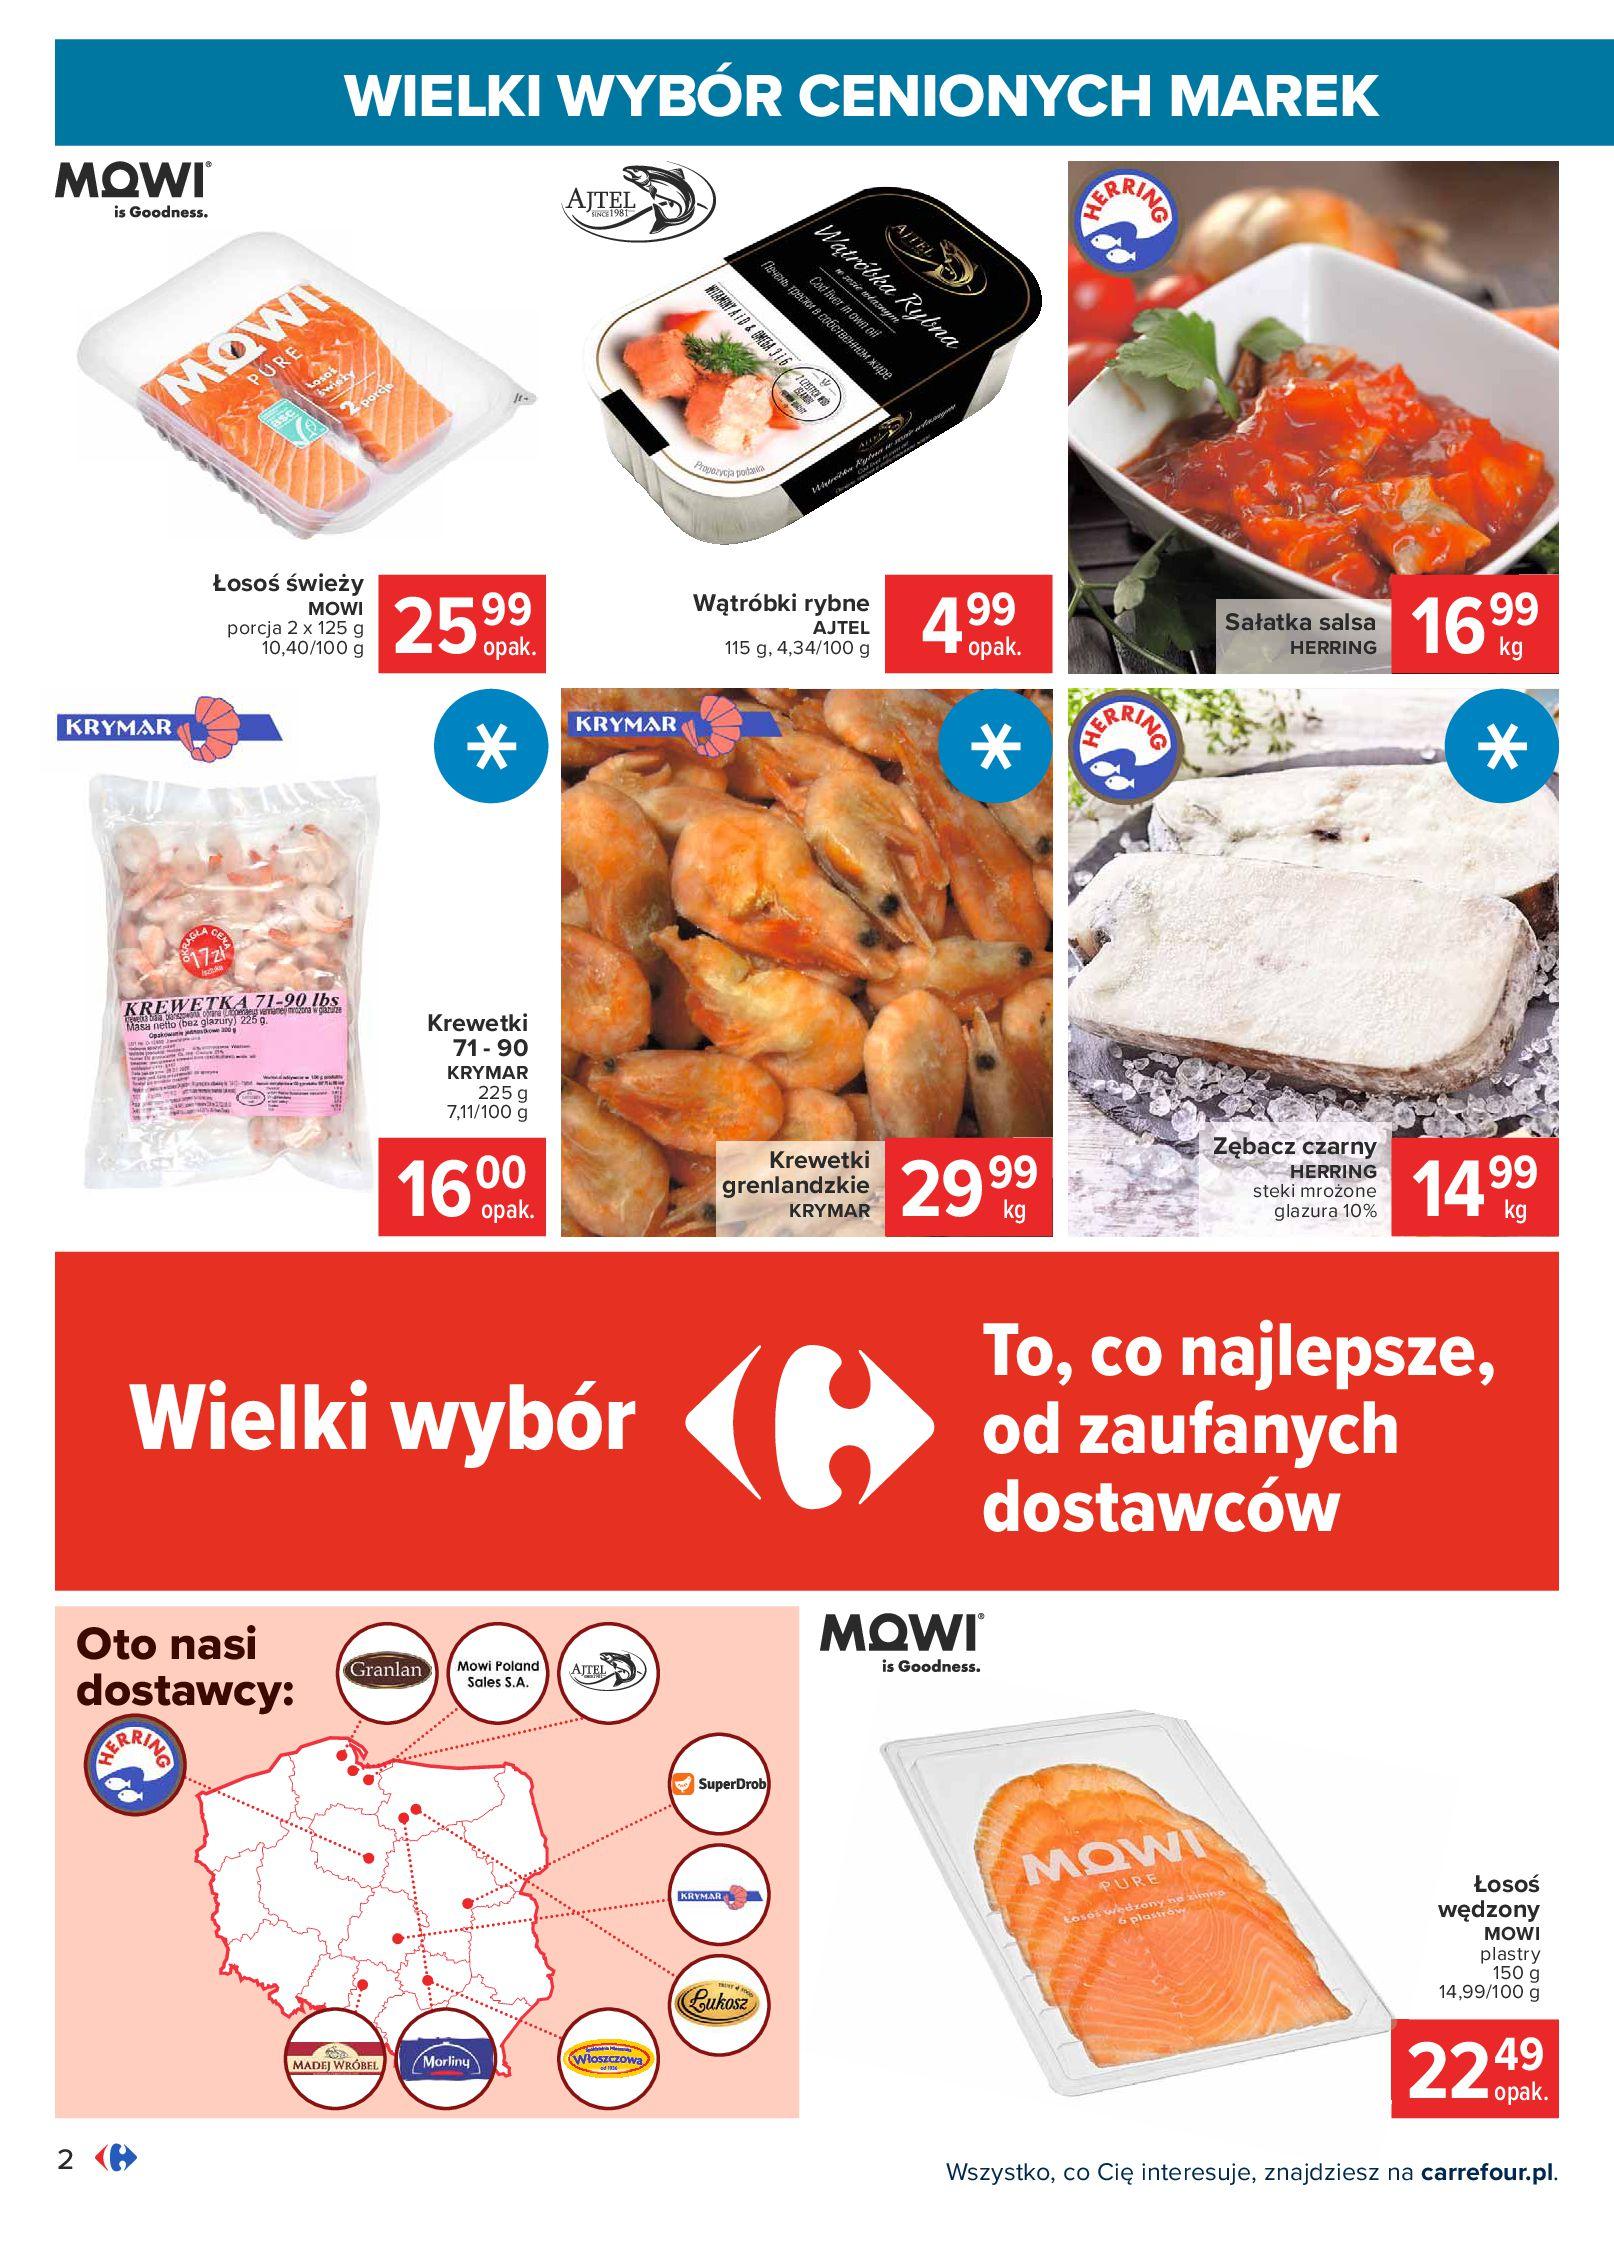 Gazetka Carrefour: Wielki wybór cenionych marek 2021-05-04 page-2